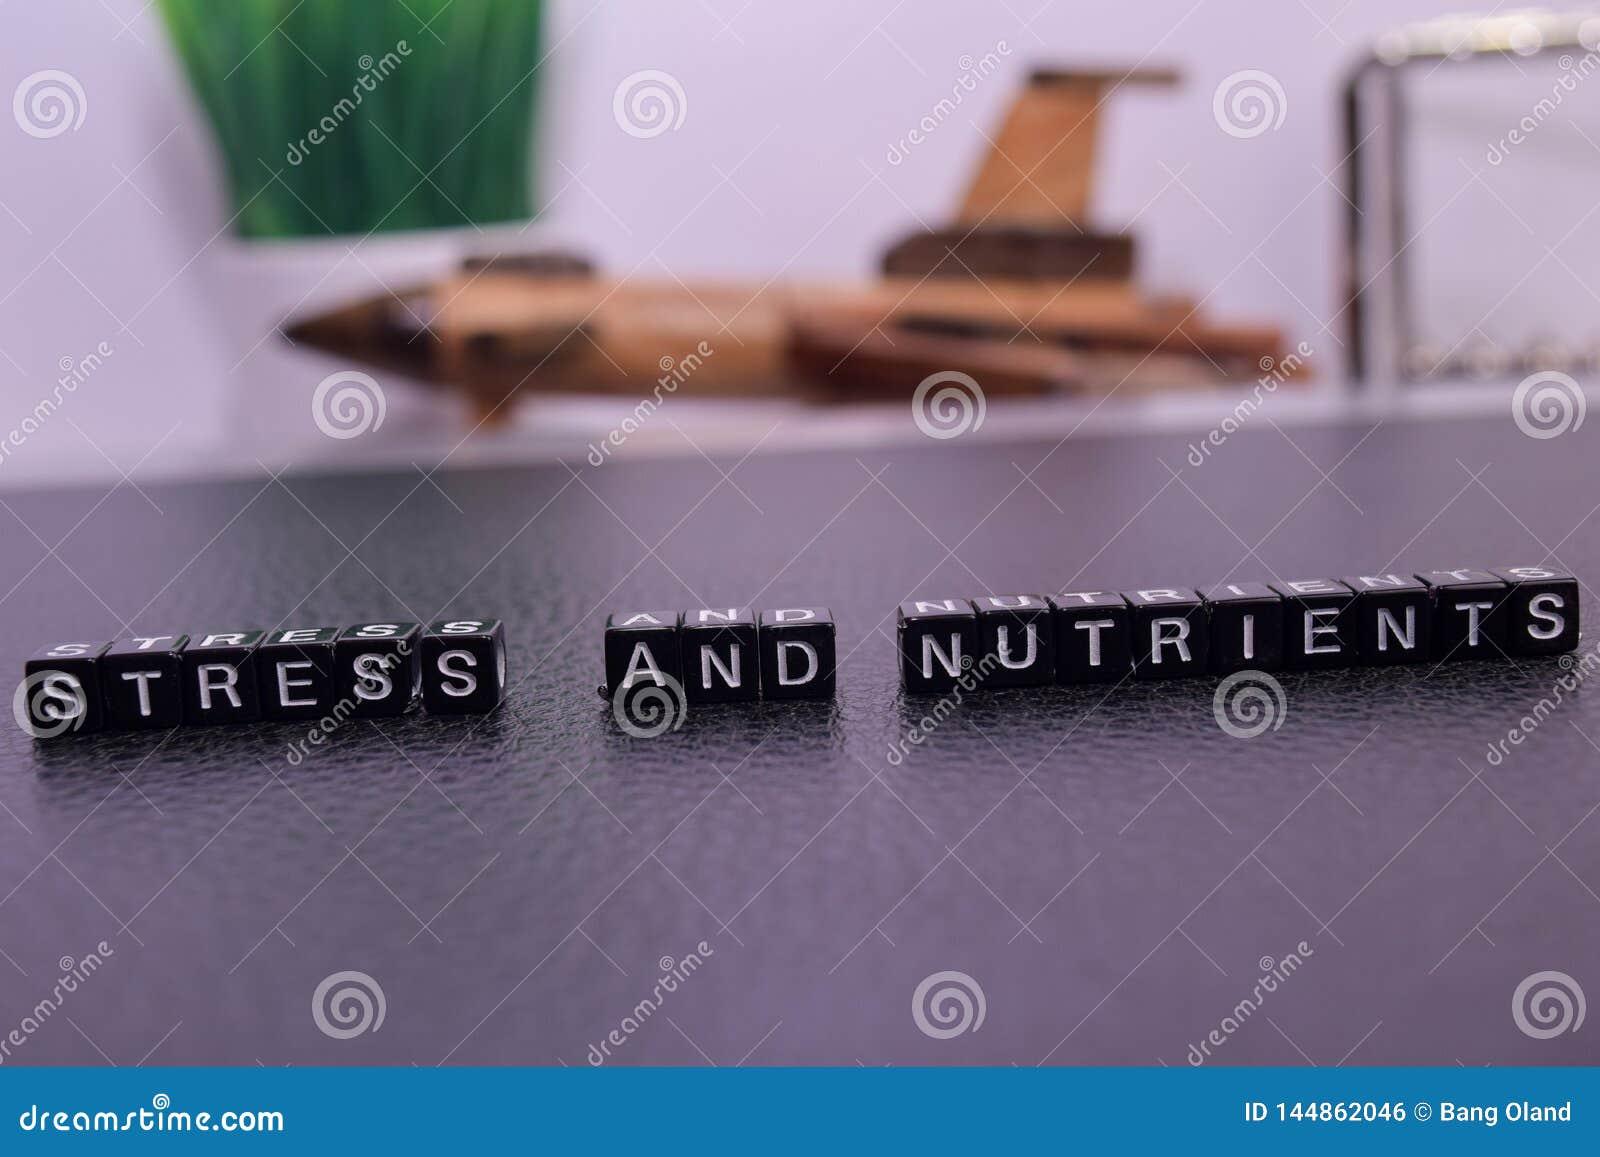 Sforzo e sostanze nutrienti sui blocchi di legno